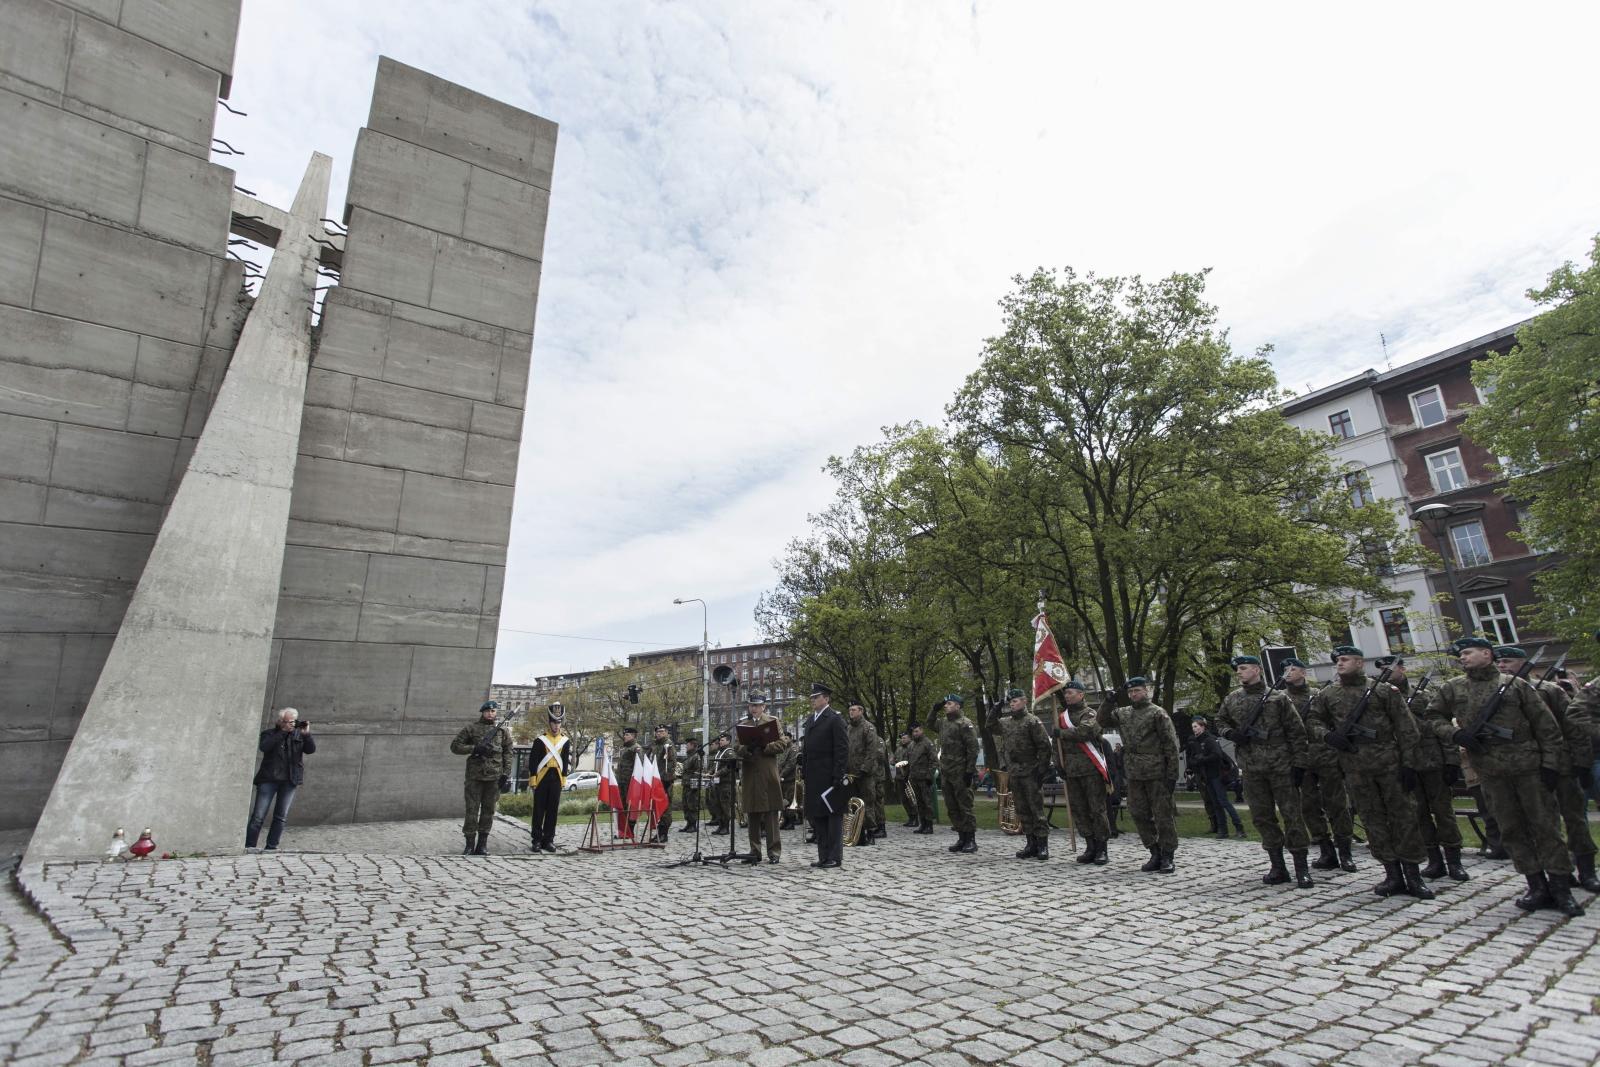 Wrocław: obchody Dnia Sybiraka, zorganizowane przez Związek Sybiraków by upamiętnić ofiary wywózki Polaków na Syberię. Fot. PAP/Aleksander Koźmiński